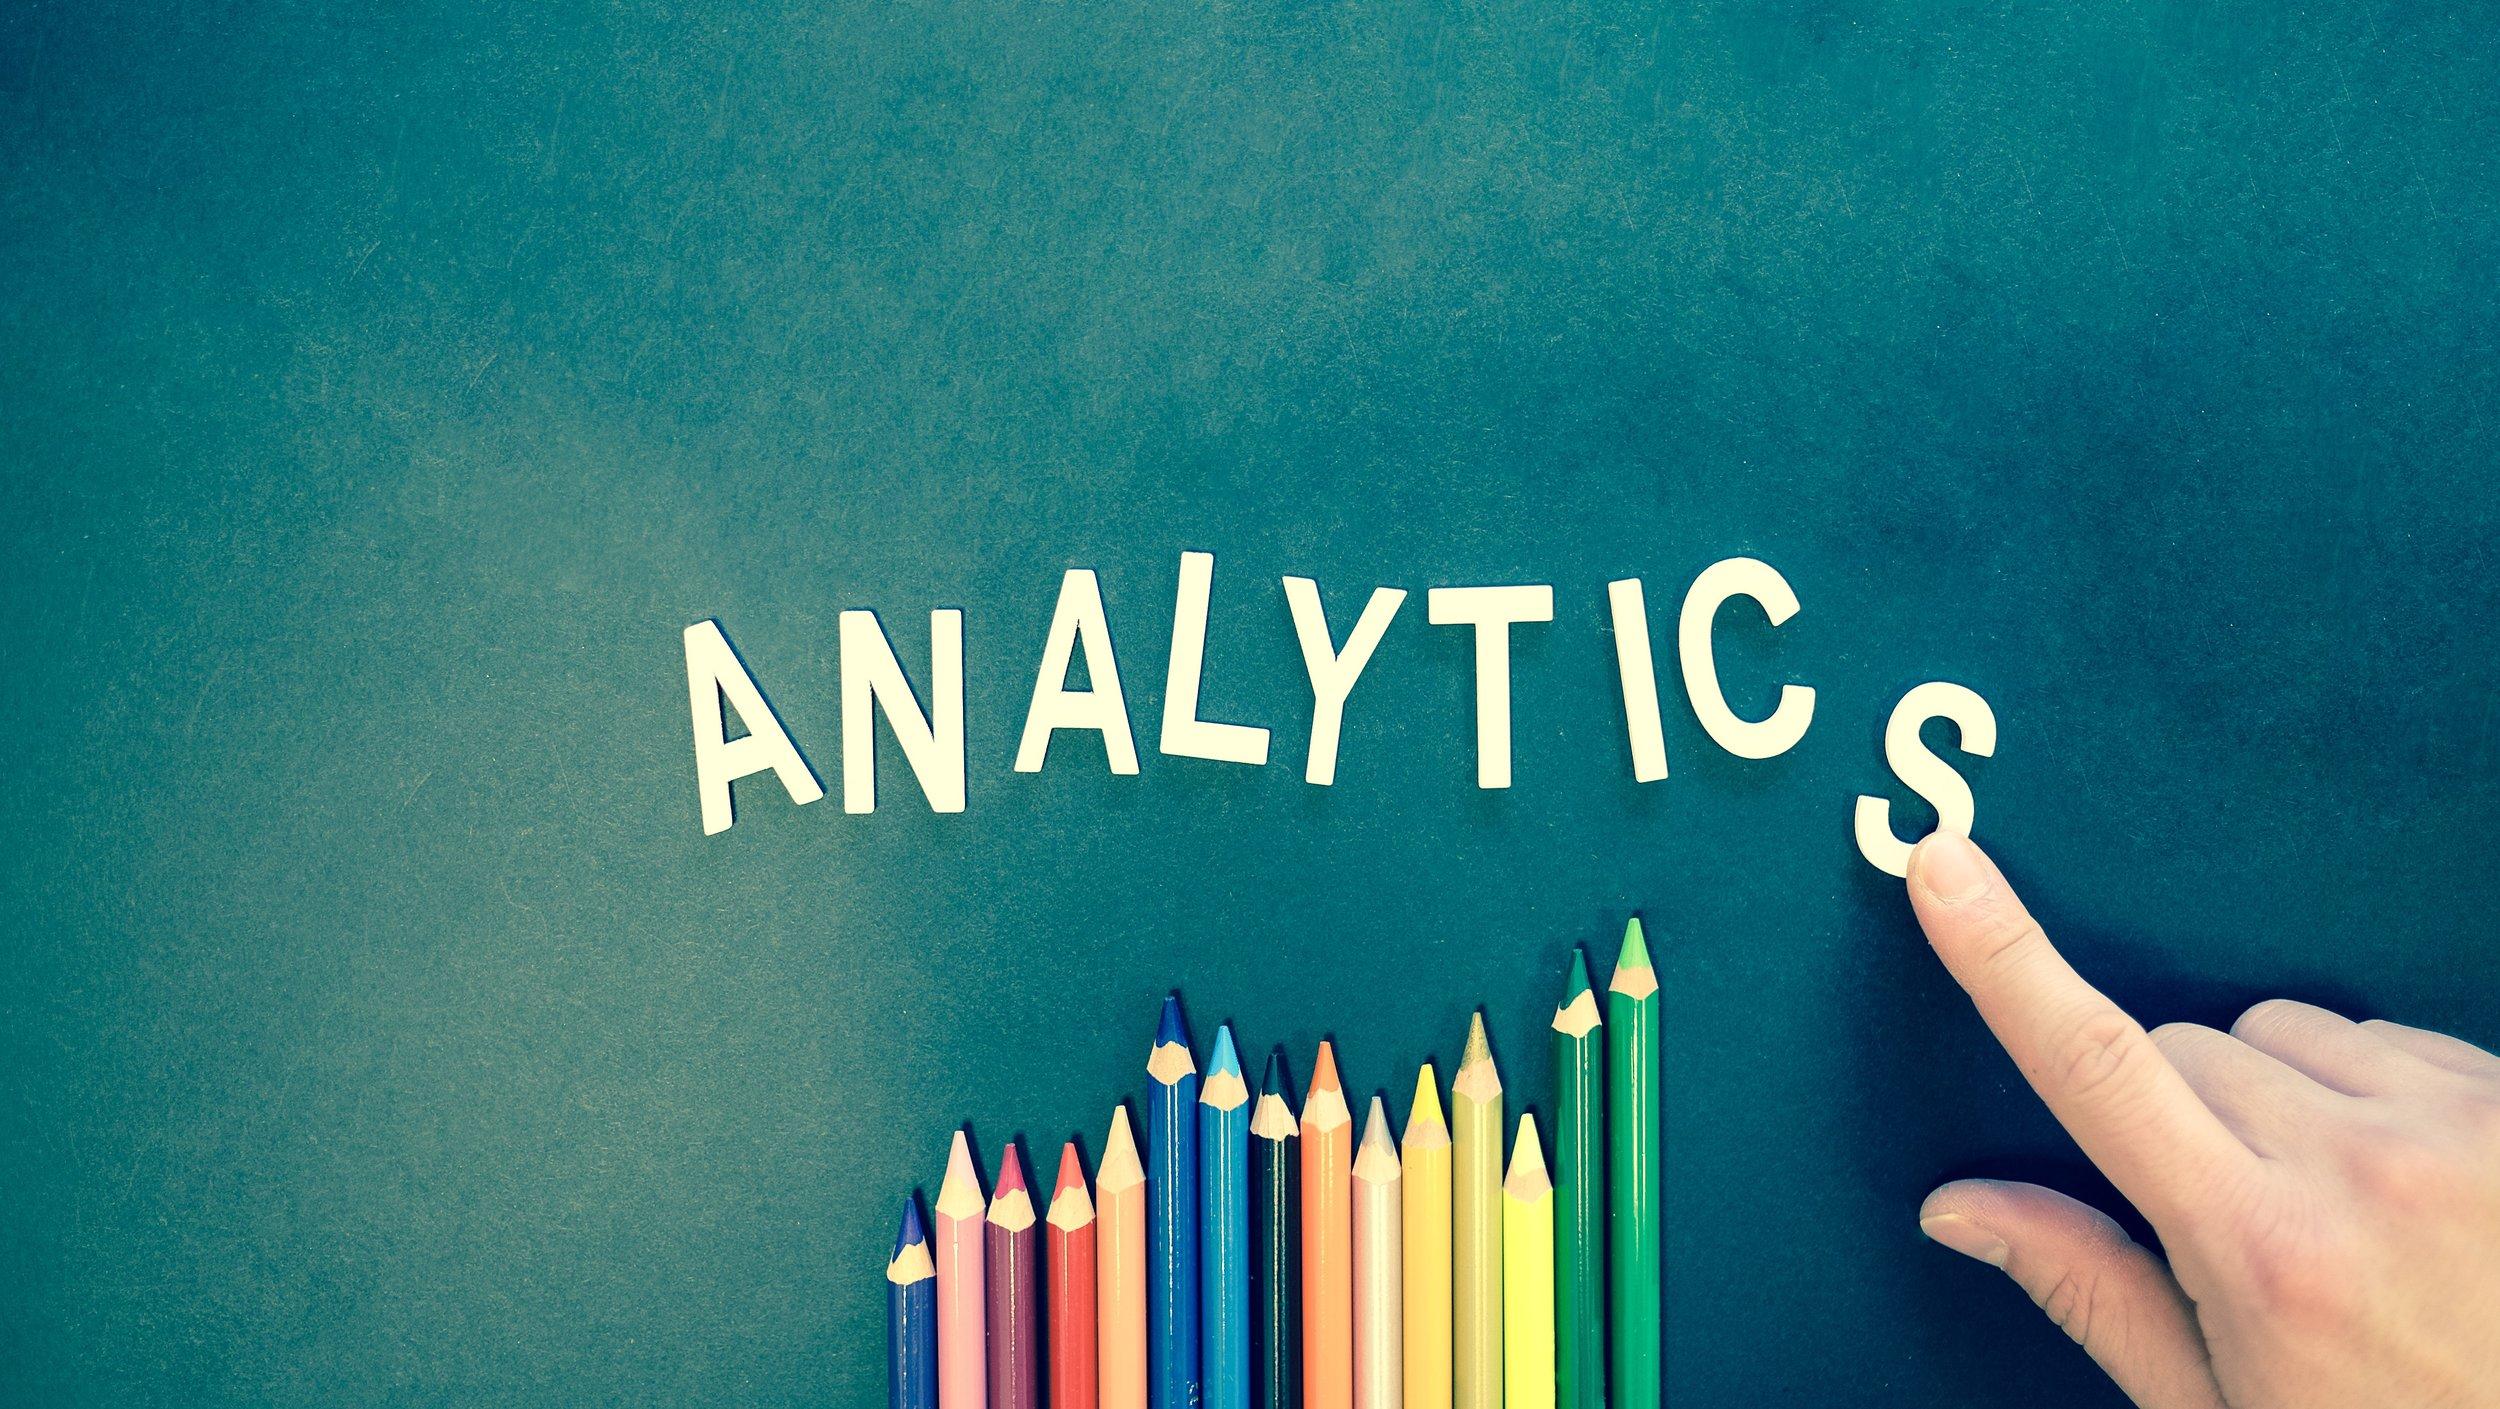 analytics coloured pencils